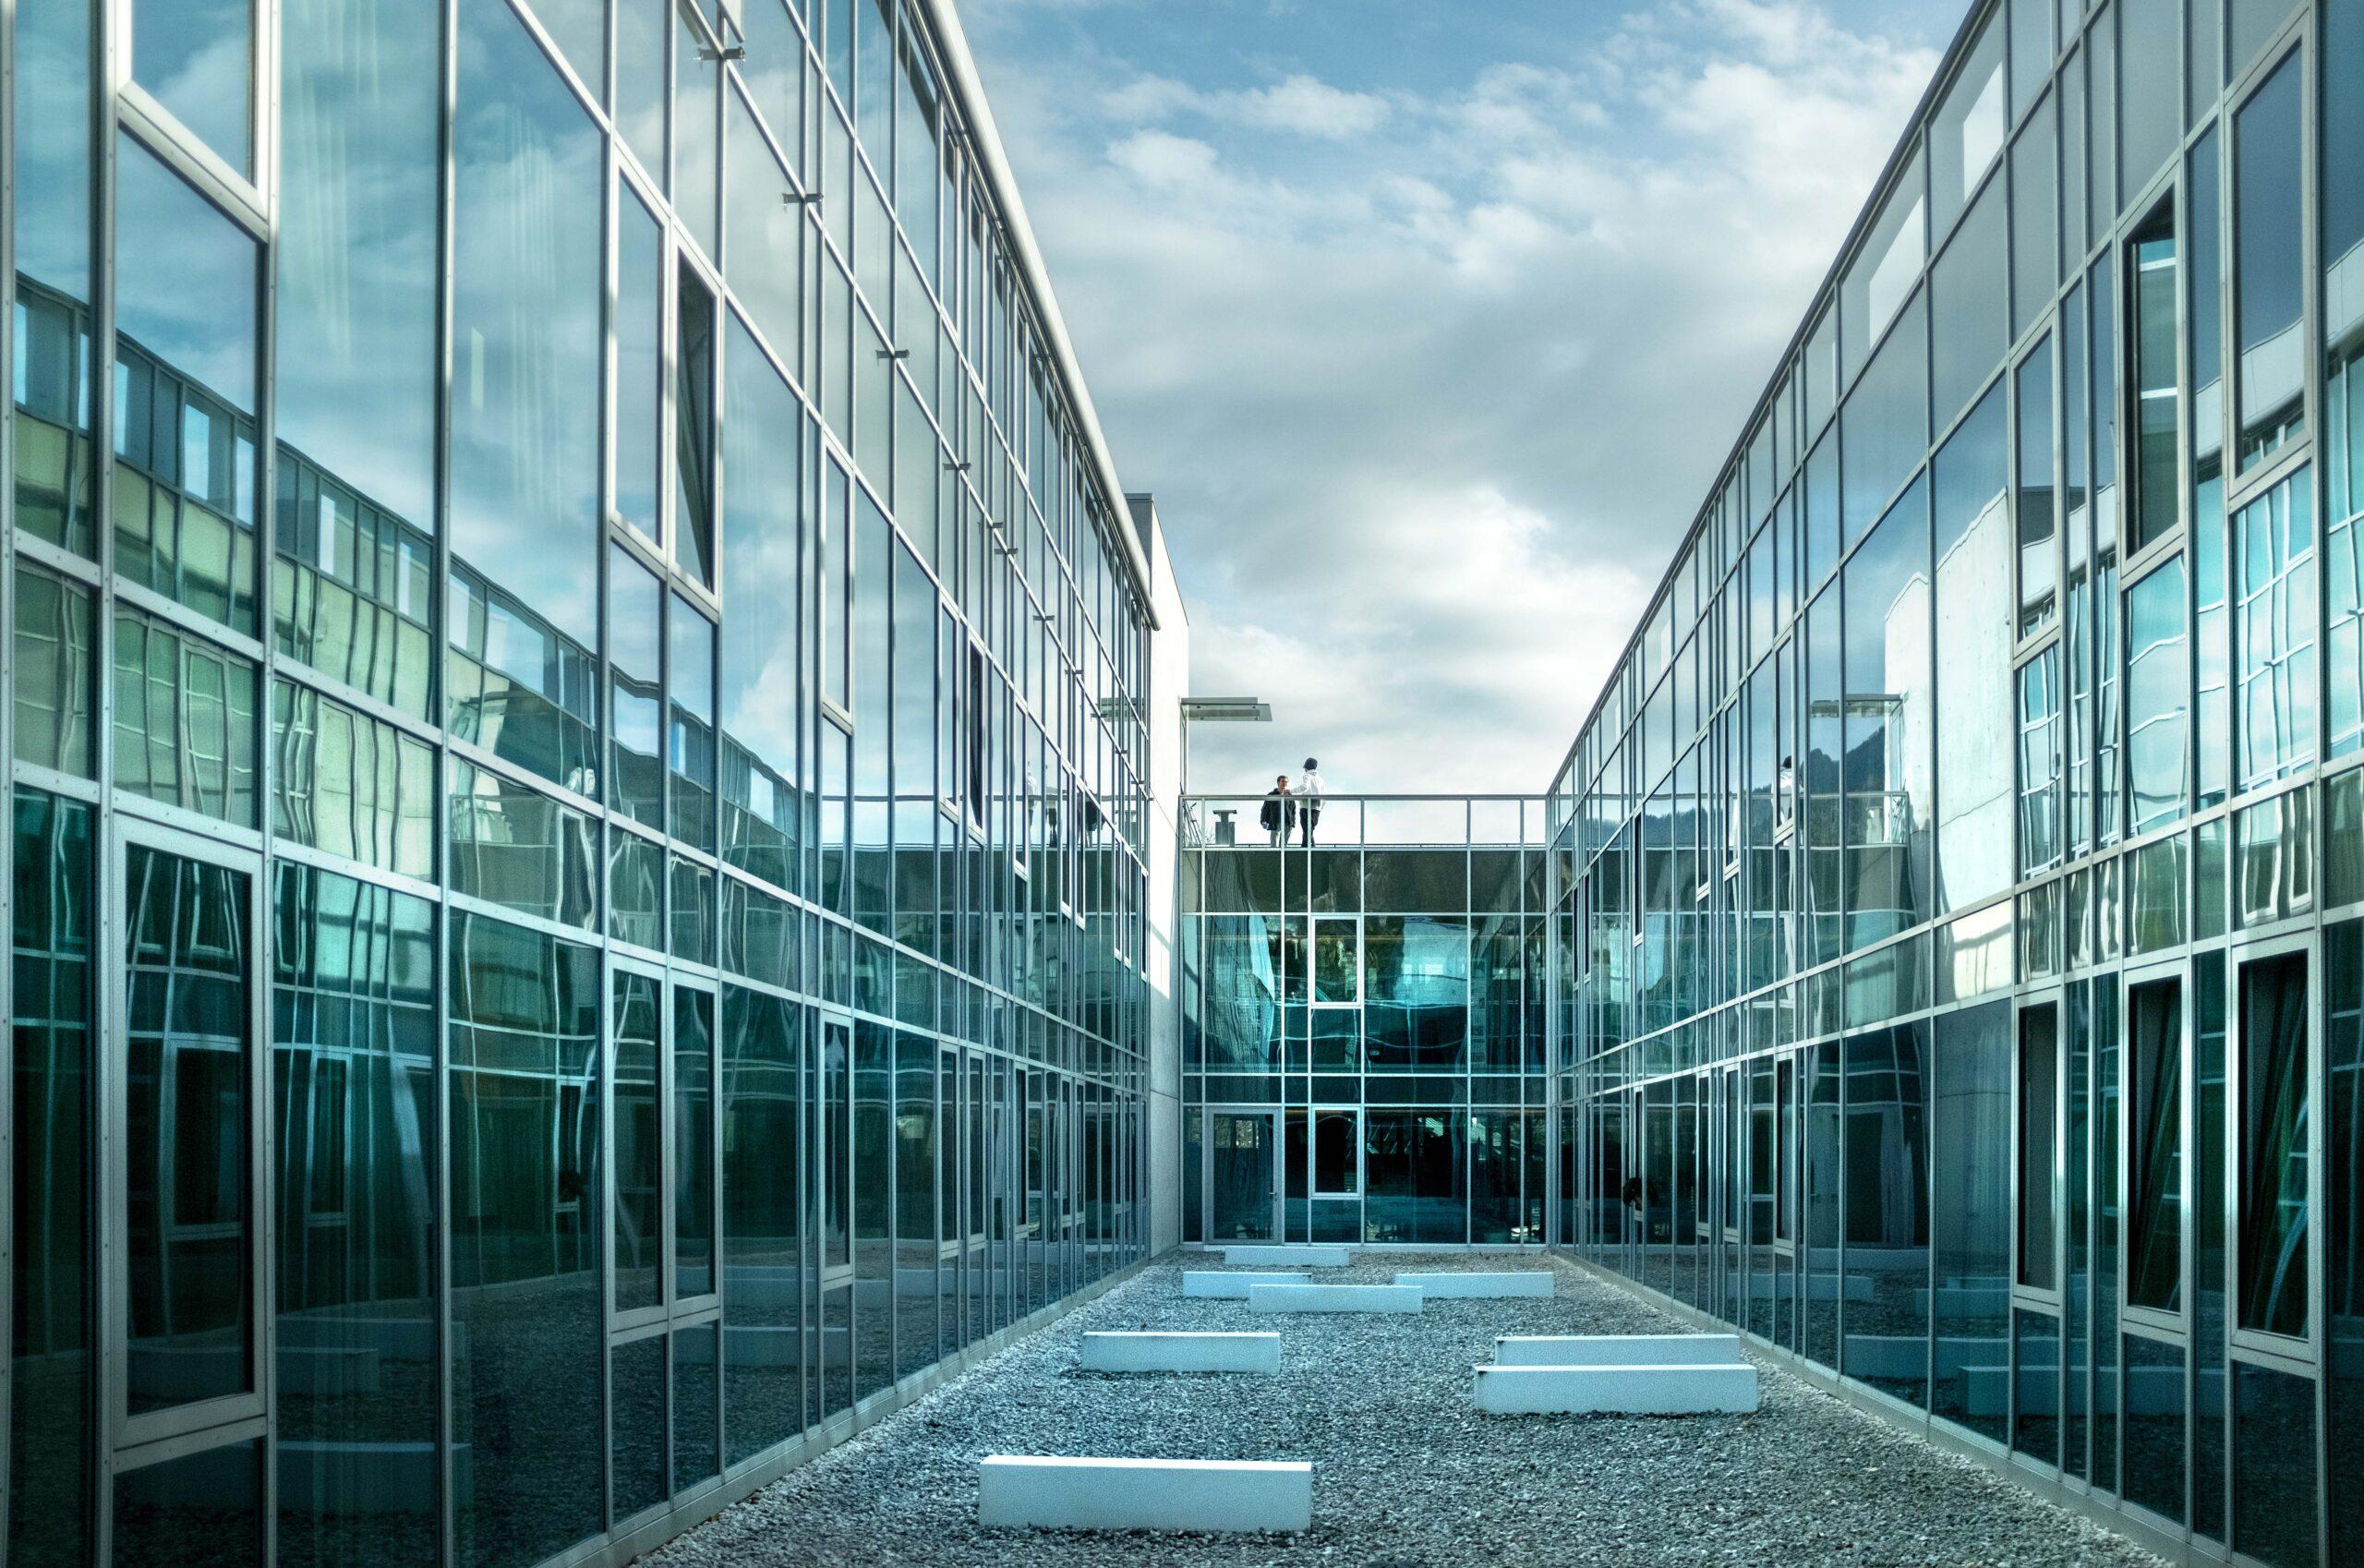 Unipark-Glasfassade von innen betrachtet